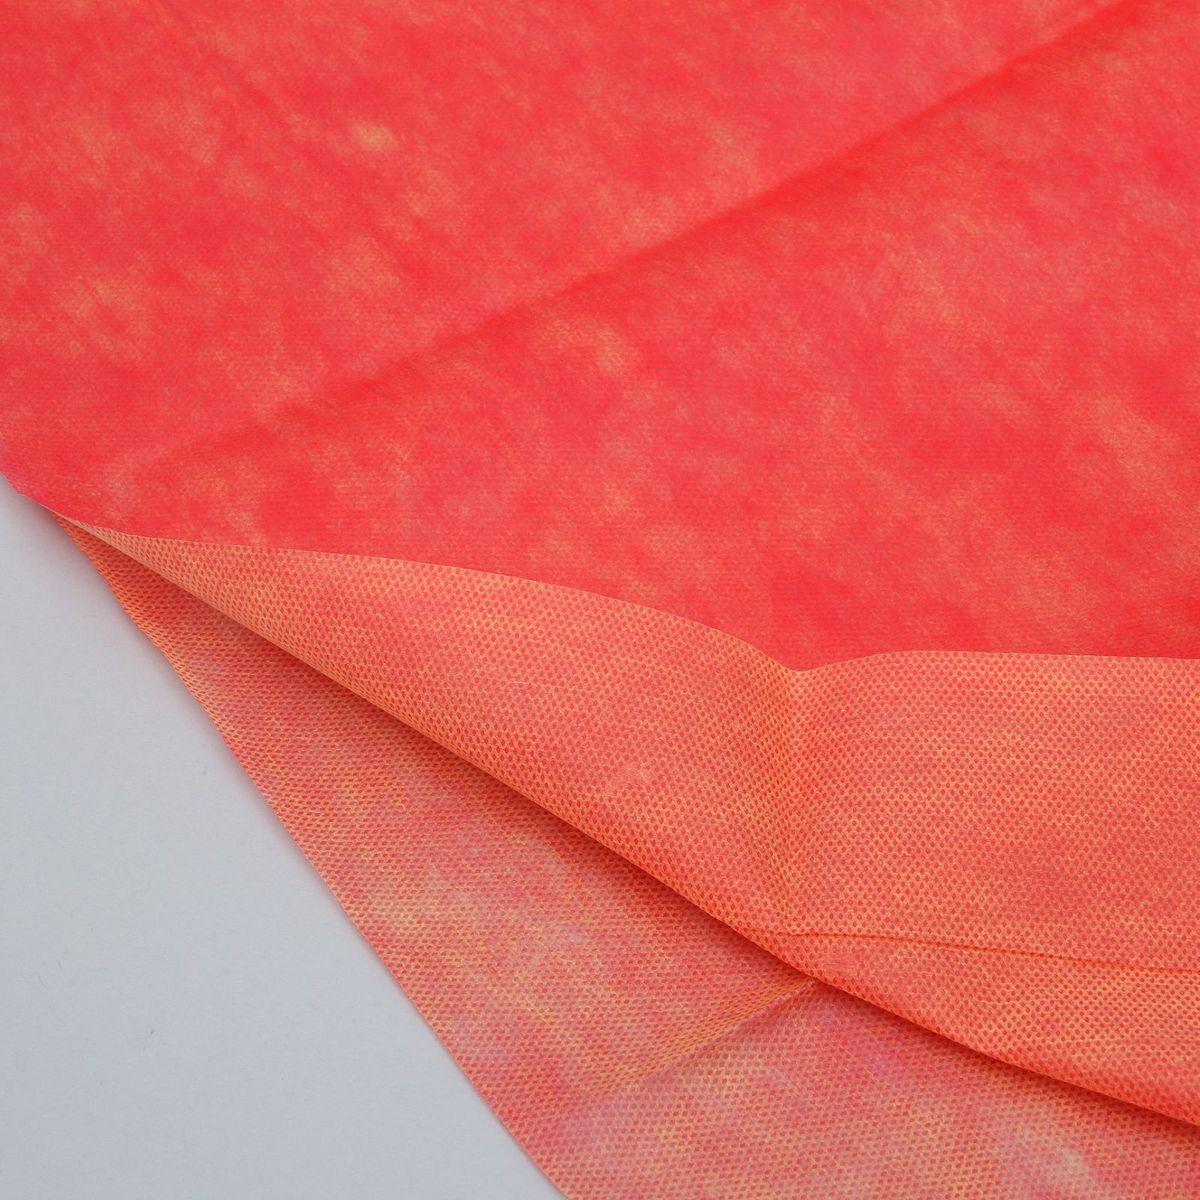 Материал укрывной Агротекс, двухслойный, цвет: оранжевый, красный, 5 х 1,6 м1367690Работа укрывного материала Агротекс заключается в эффективном использовании солнечных лучей, попадающих на почву. Материал размером 1,6 х 5 метров состоит из двух слоев: внешнего (красного цвета) и внутреннего (оранжевого цвета).Красный слой, внешний:-ускоряет процесс фотосинтеза, способствуя раннему цветению и повышению урожайности;-сохраняет тепло и защищает от ночных перепадов температур.Желтый слой, внутренний:-ограждает растения от вредителей, привлекая их на сам материал.При эксплуатации материала не используется никаких искусственных добавок и непонятной химии - только разумное использование тепла и солнечного света. В почве, укрытой материалом Агротекс, растения развиваются быстрее за счет создания благоприятного микроклимата.Плотность: 40 г/м2.